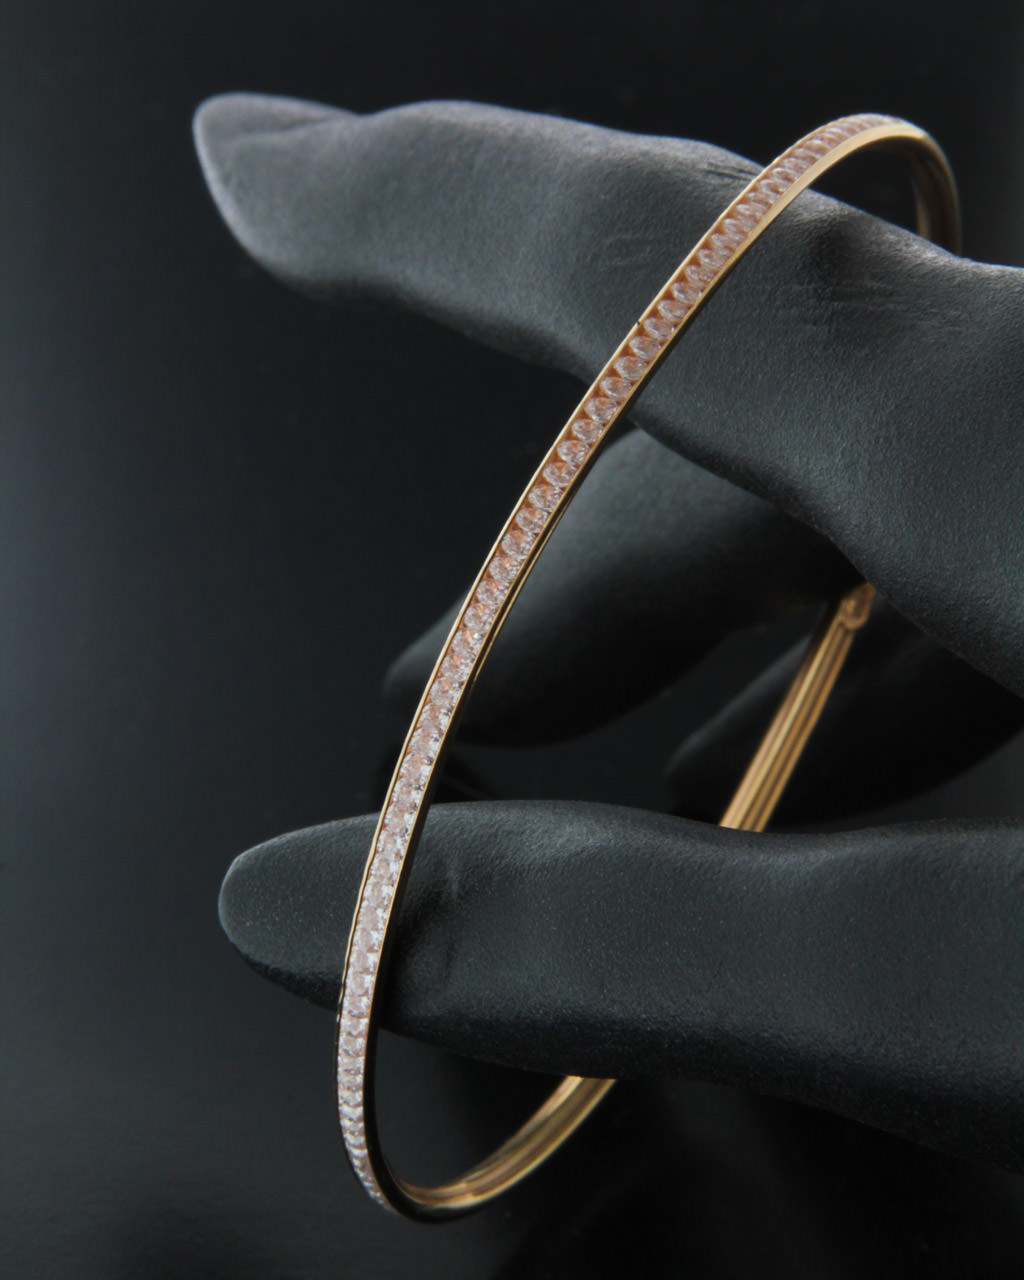 Βραχιόλι ροζ χρυσό Κ14 με Ζιργκόν   ζησε το μυθο νυφικό κόσμημα